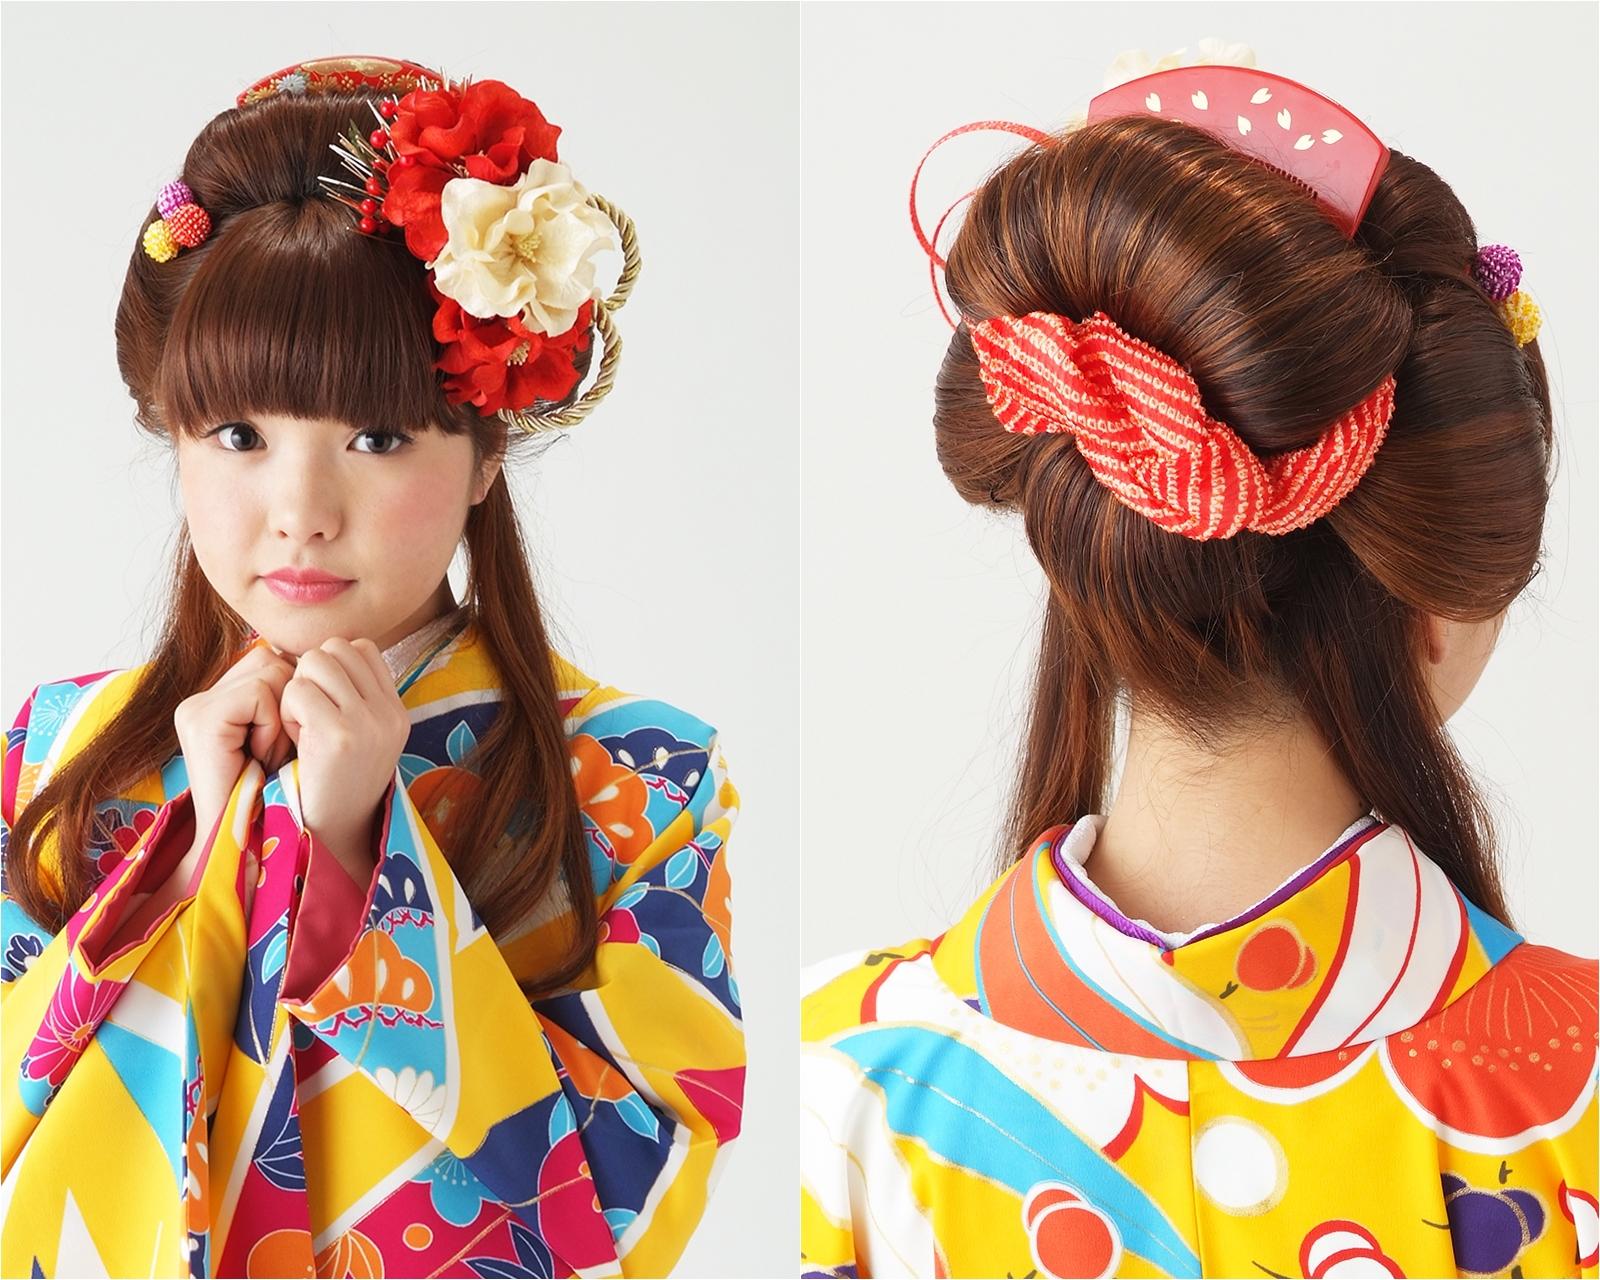 【袴ヘア】キュートに日本髪☆あんみつ姫スタイル